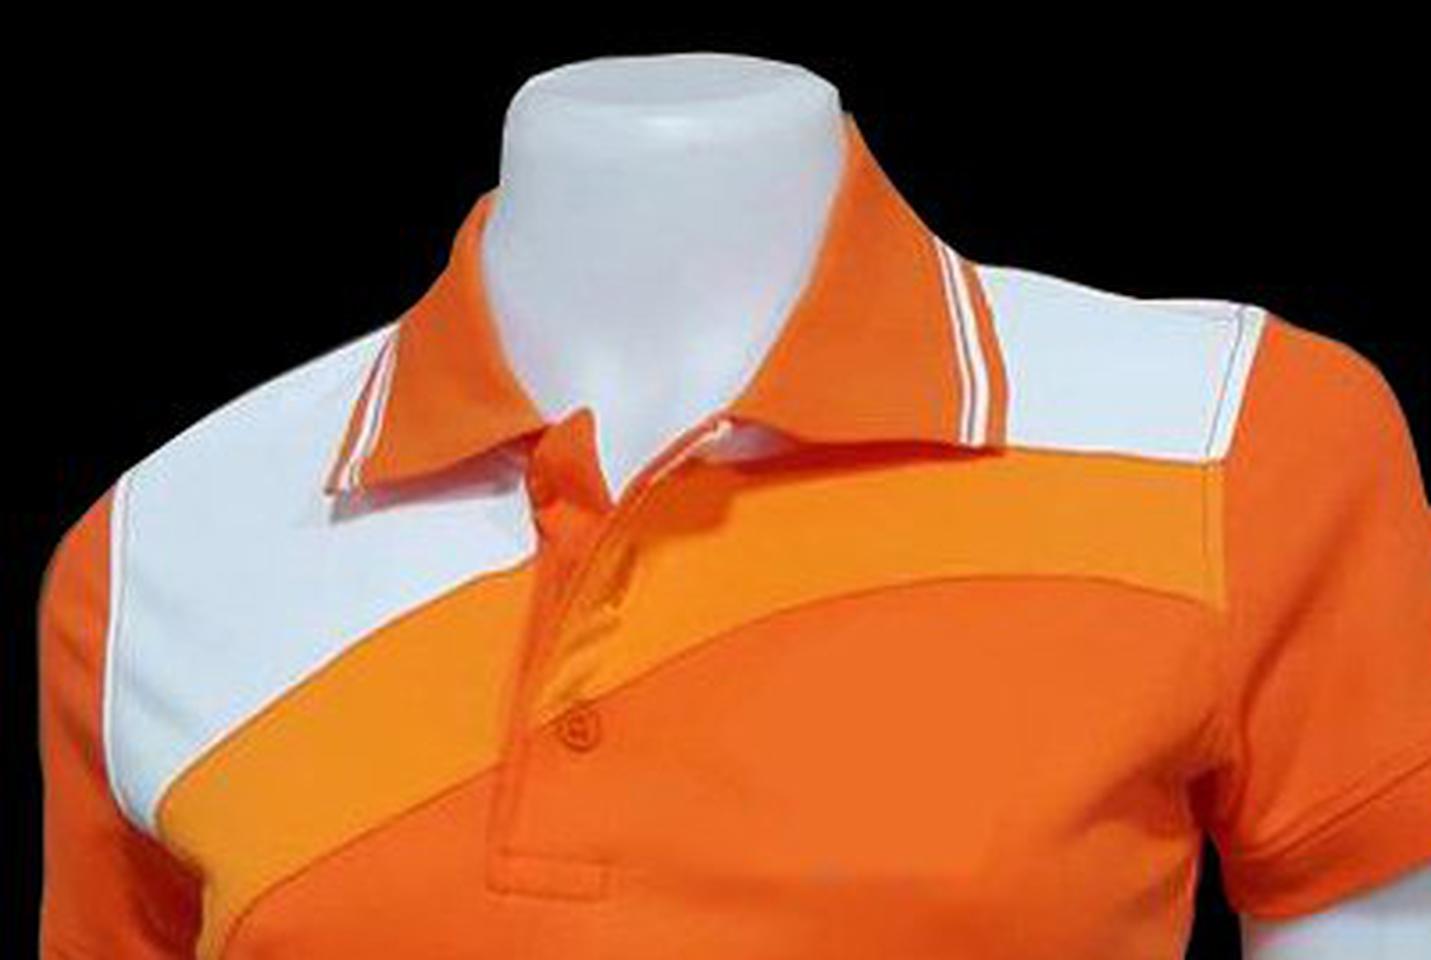 เสื้อโปโลสำเร็จรูปตัดต่อ สีส้มแบบสไลท์ ทรงสปอร์ตทั่งชาย-หญิง รูปที่ 2